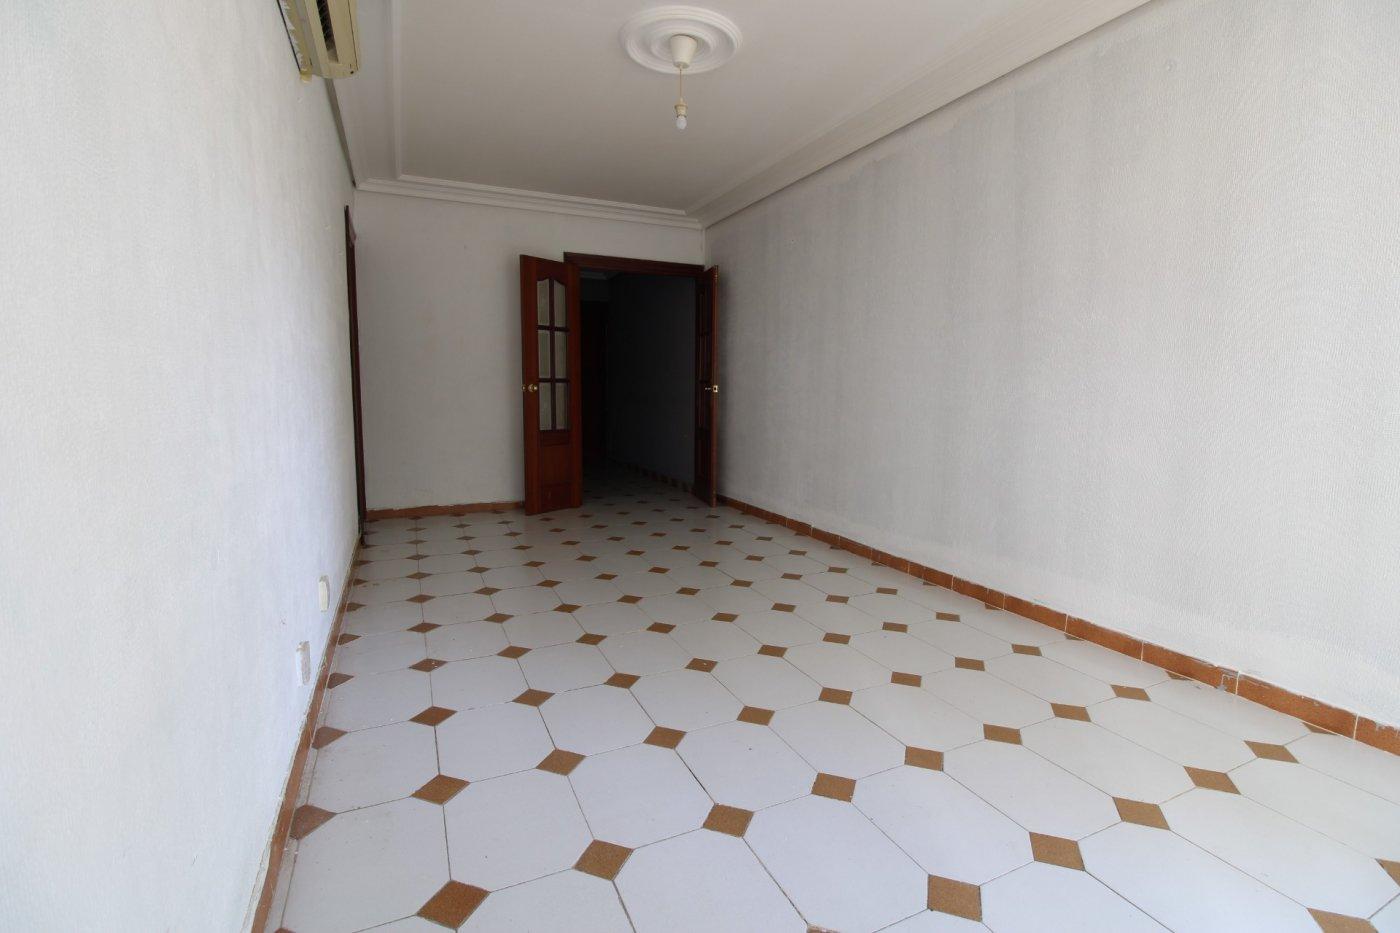 Piso a la venta en sevilla zona carretera carmona - imagenInmueble5